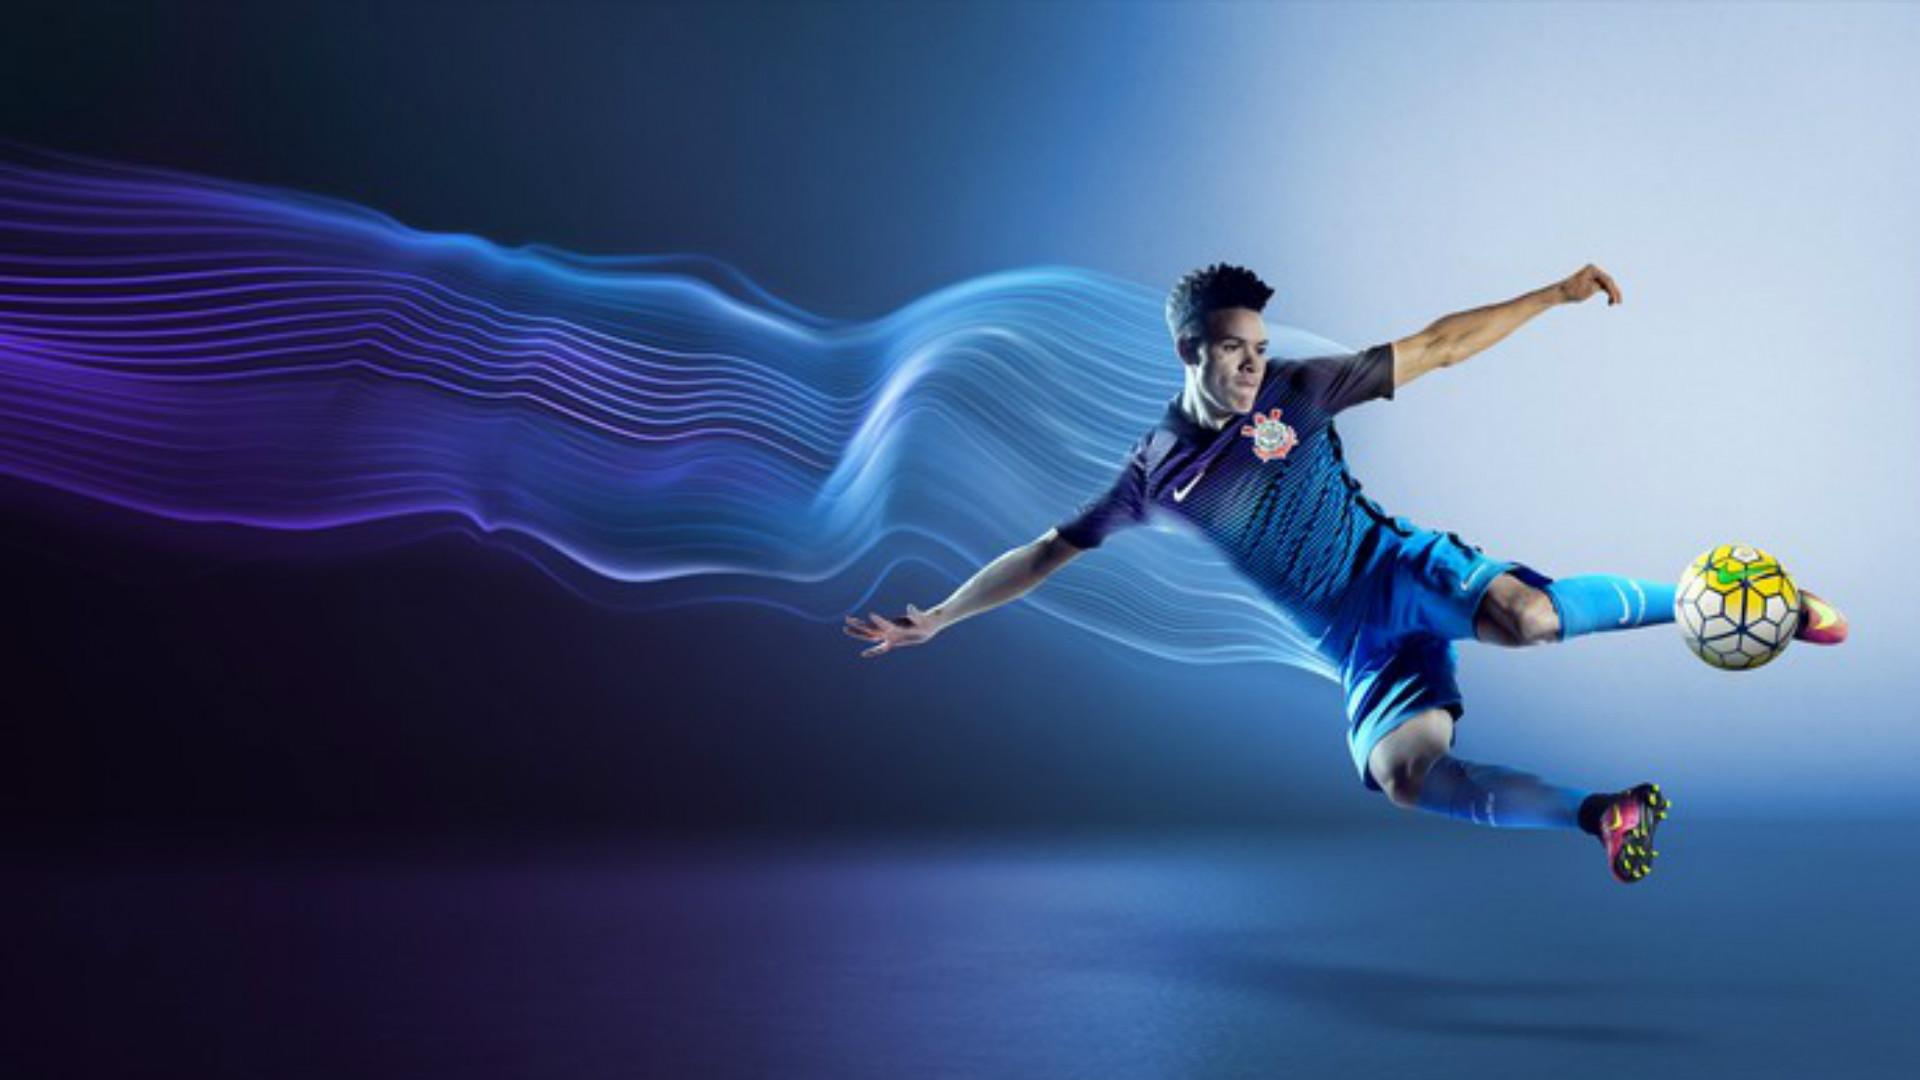 Nike divulga imagens da nova terceira camisa do Corinthians  8f91eaf4fb5ea